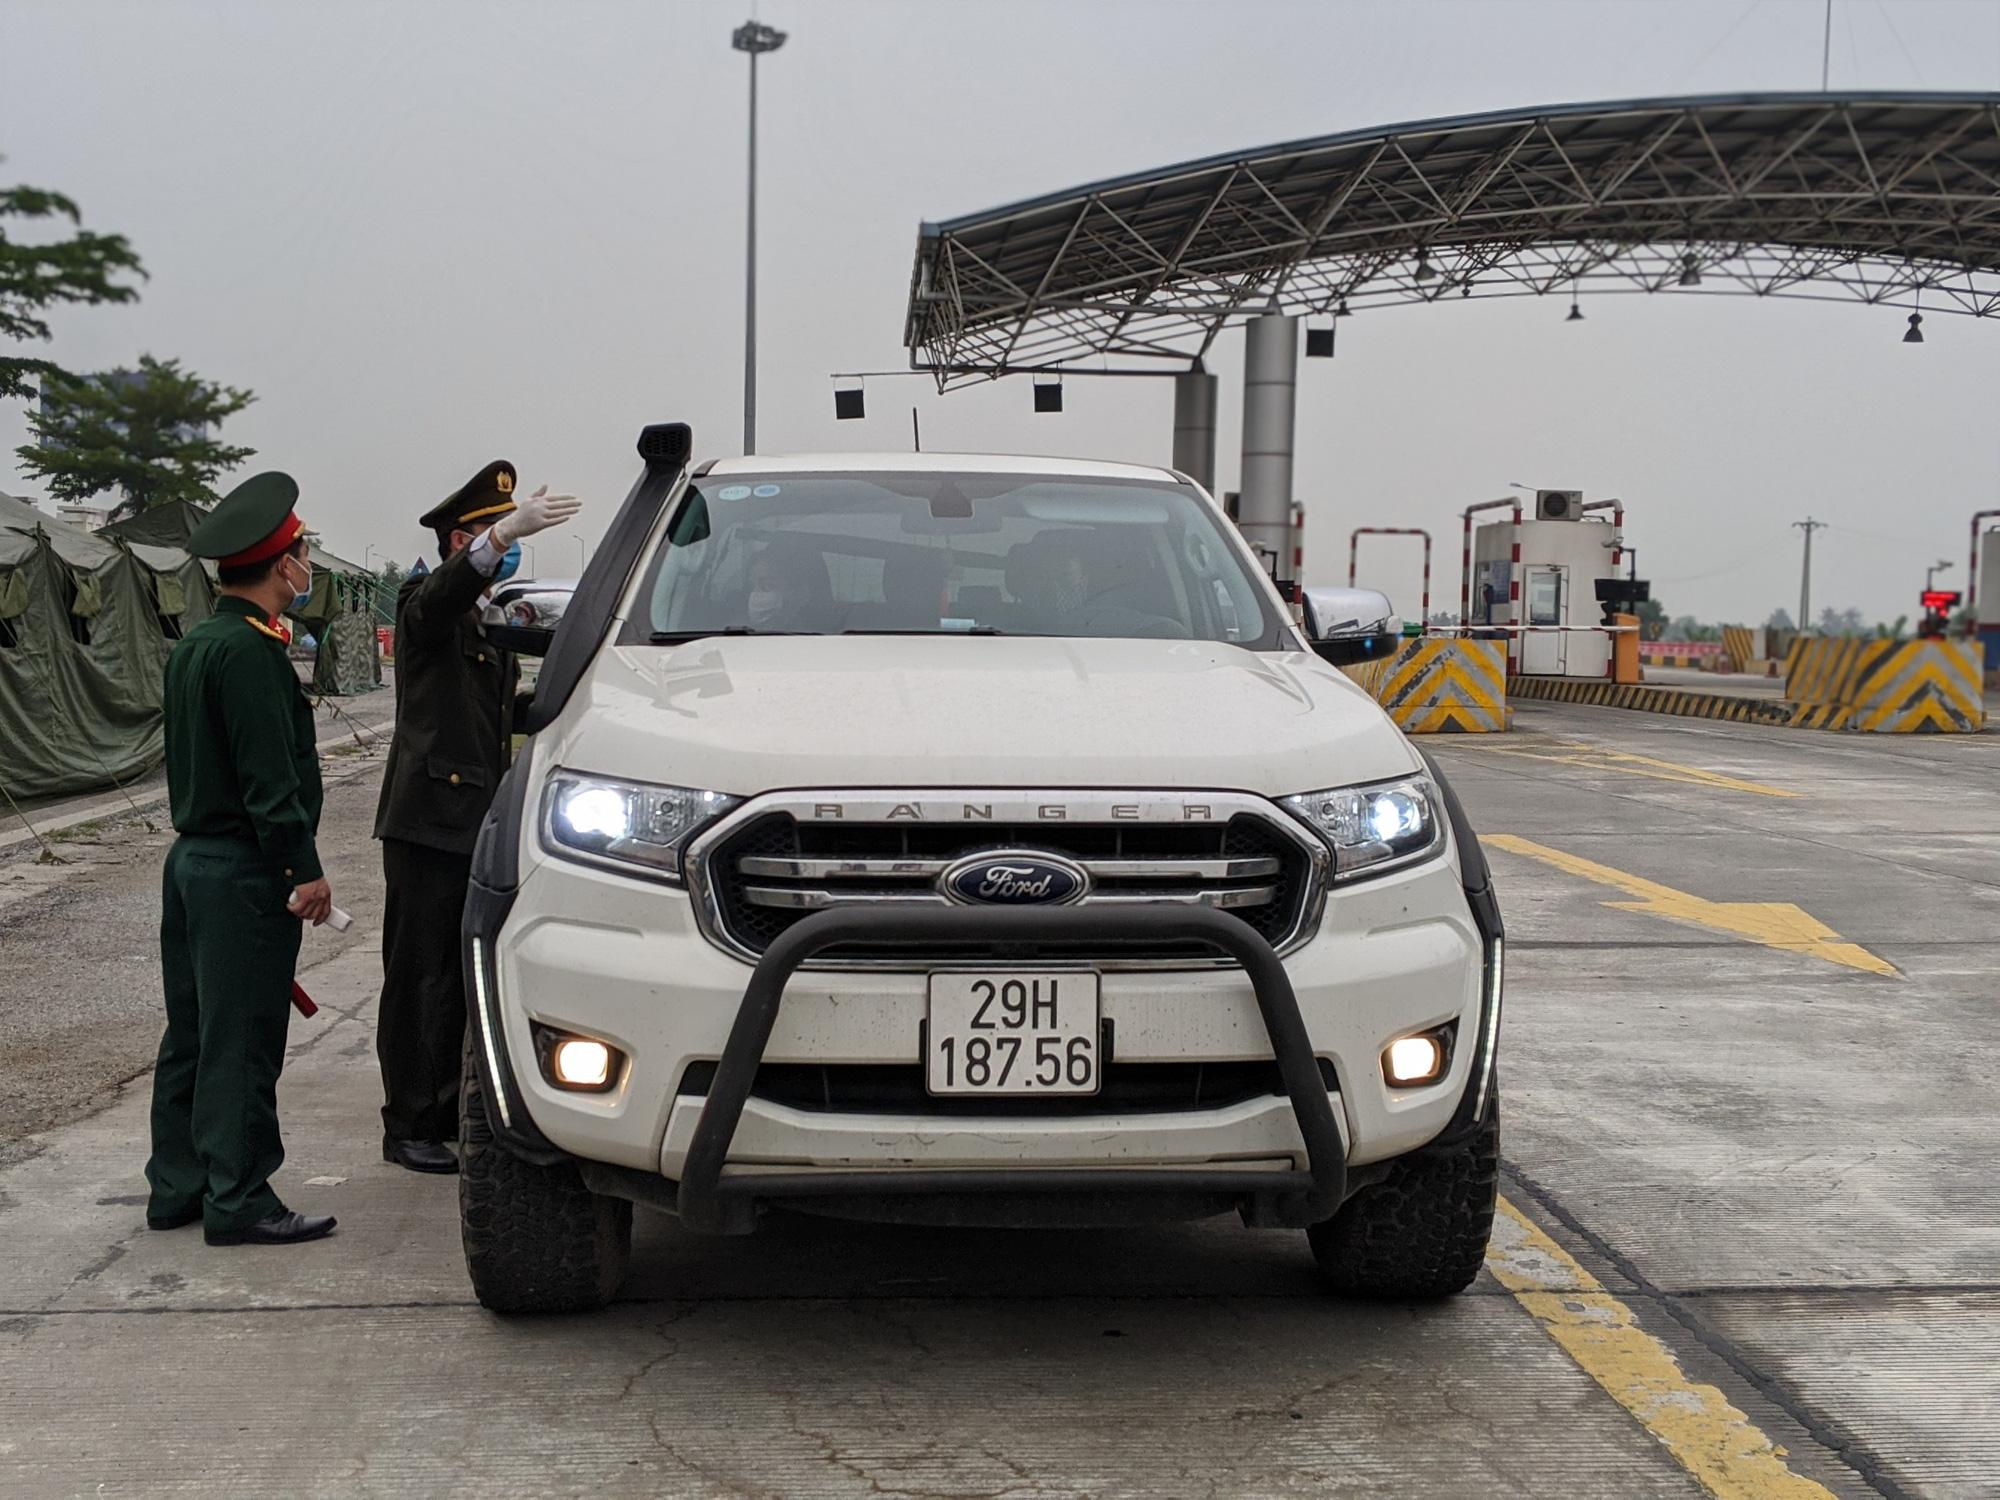 Nhiều xe ngoại tỉnh về Hải Phòng phải quay đầu khi kiểm tra y tế  - Ảnh 1.